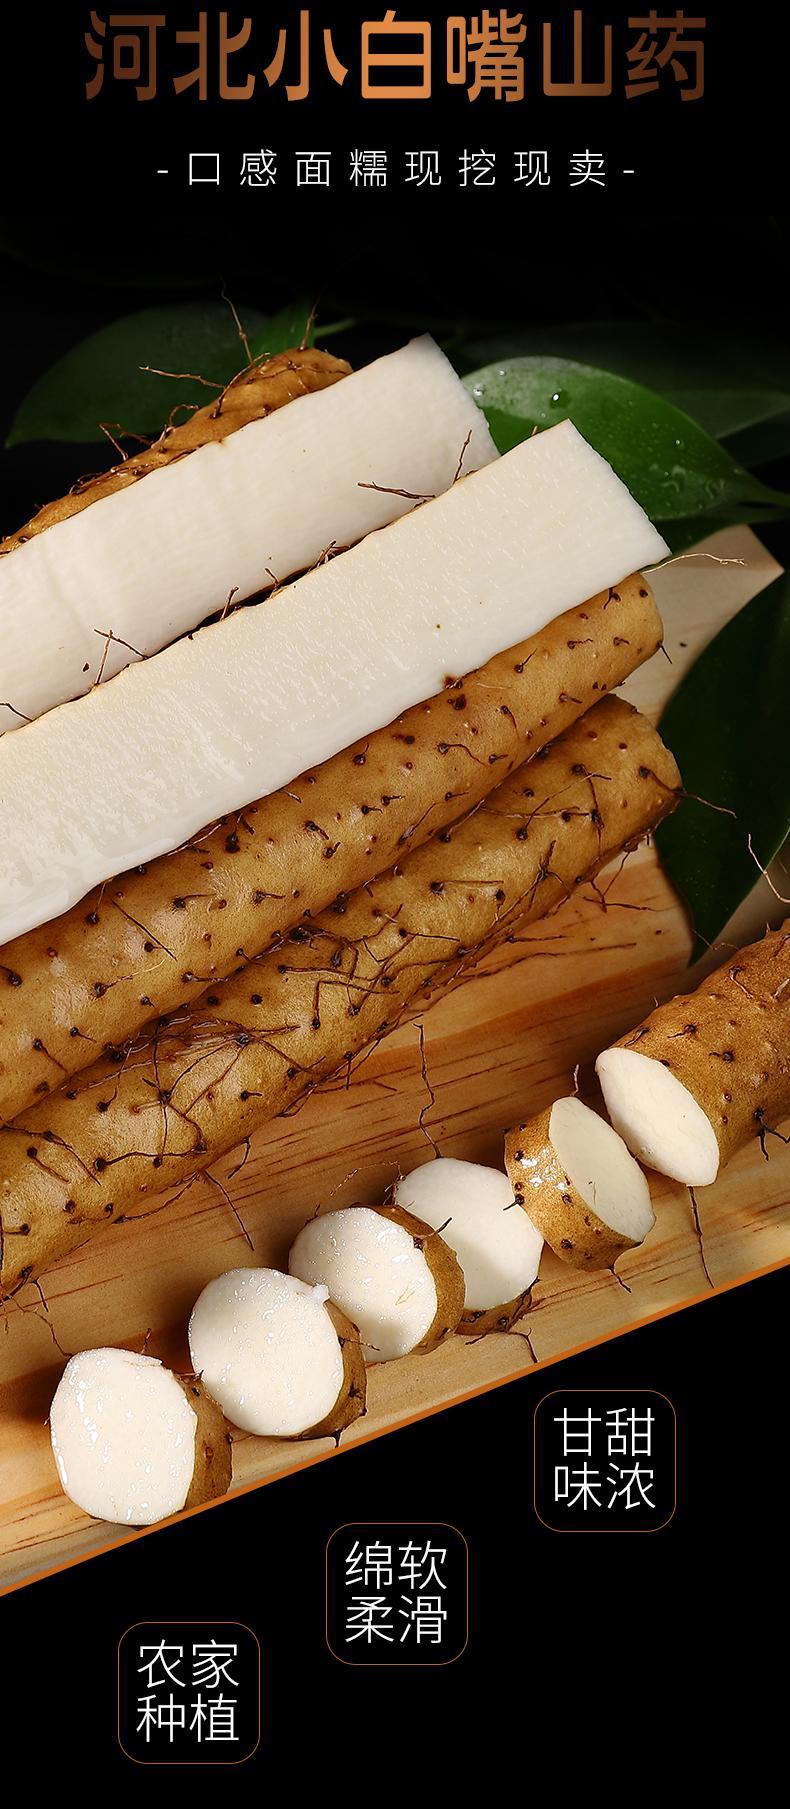 http://b2bwings-goods-image.oss-cn-shenzhen.aliyuncs.com/b91f79a1-0e9d-4706-a846-f66cfc4c491a.jpg